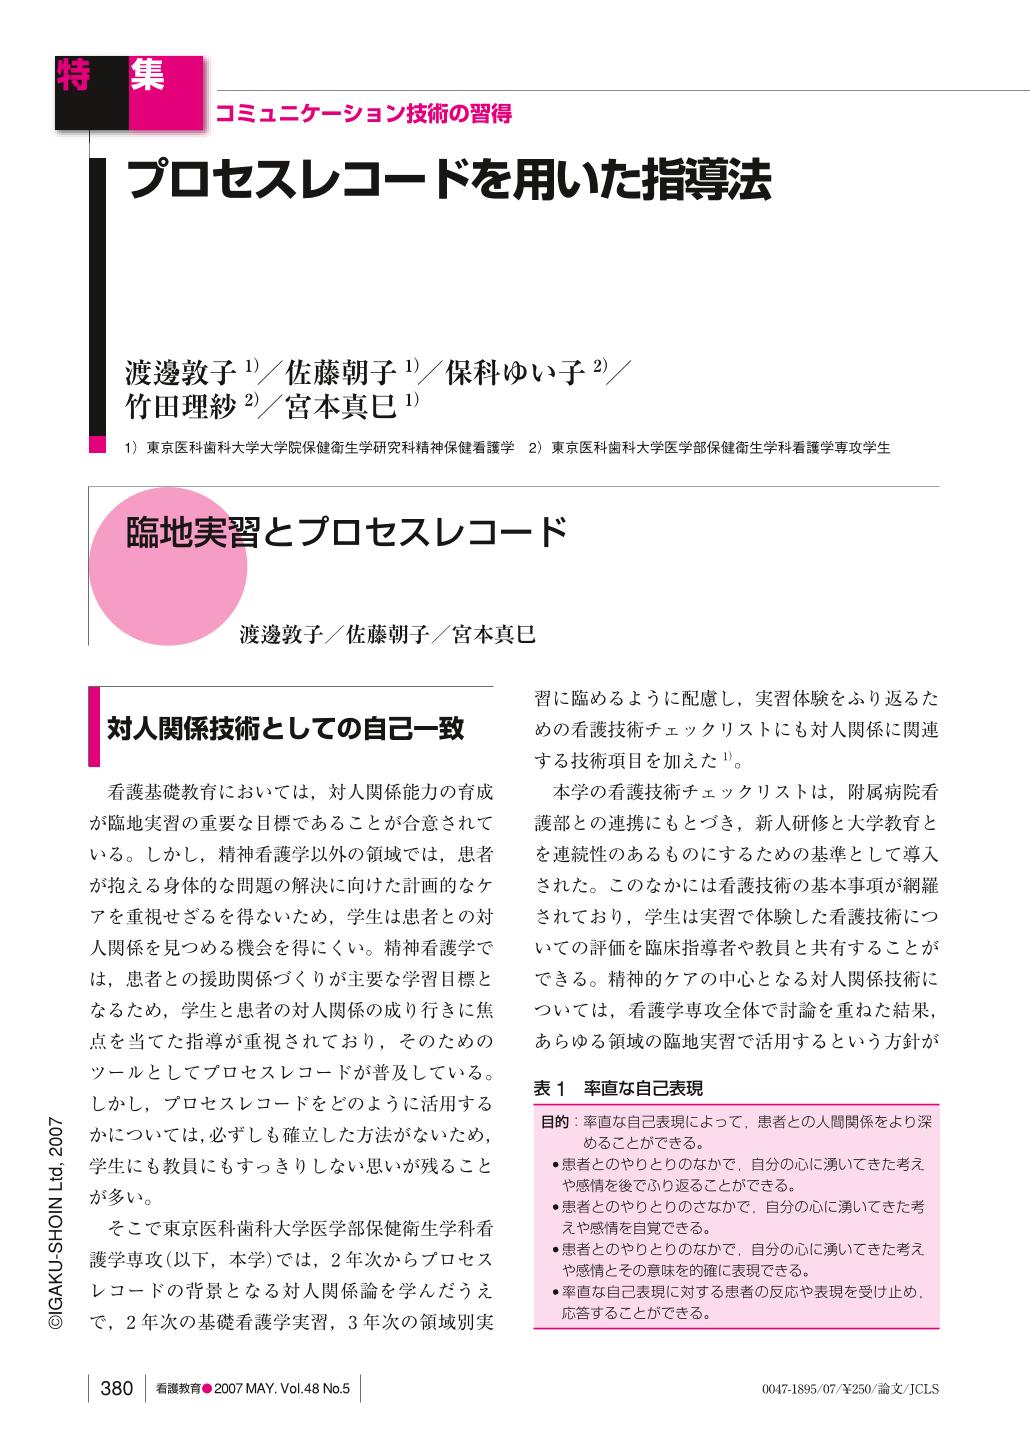 レコード 看護 プロセス プロセスレコード【ナース専科】